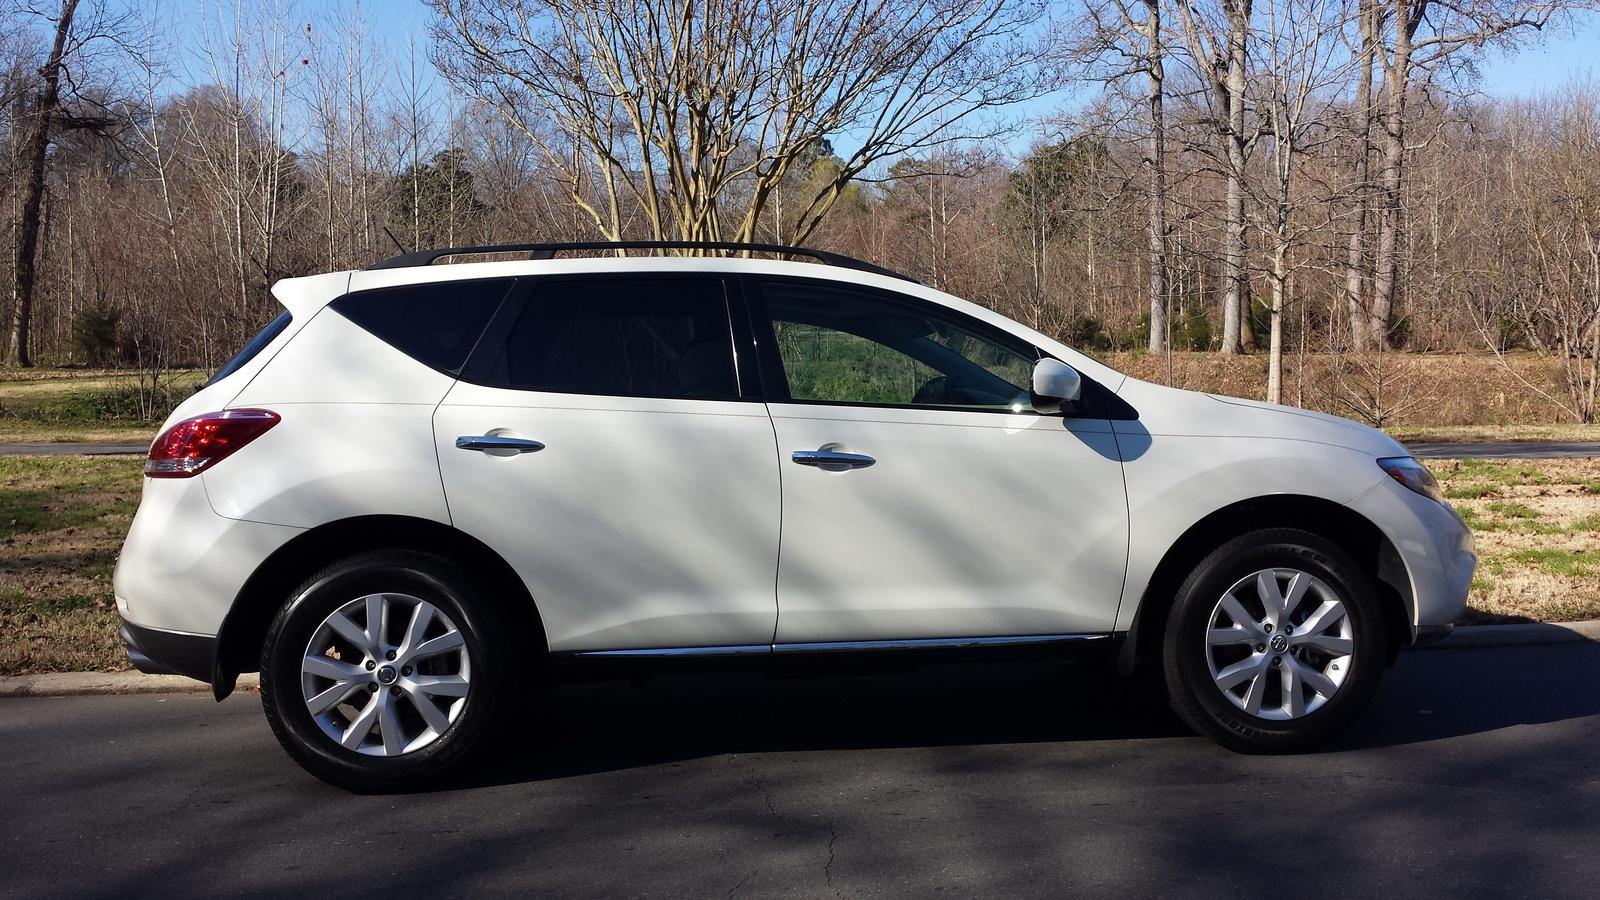 2011 Nissan Murano Pictures Cargurus